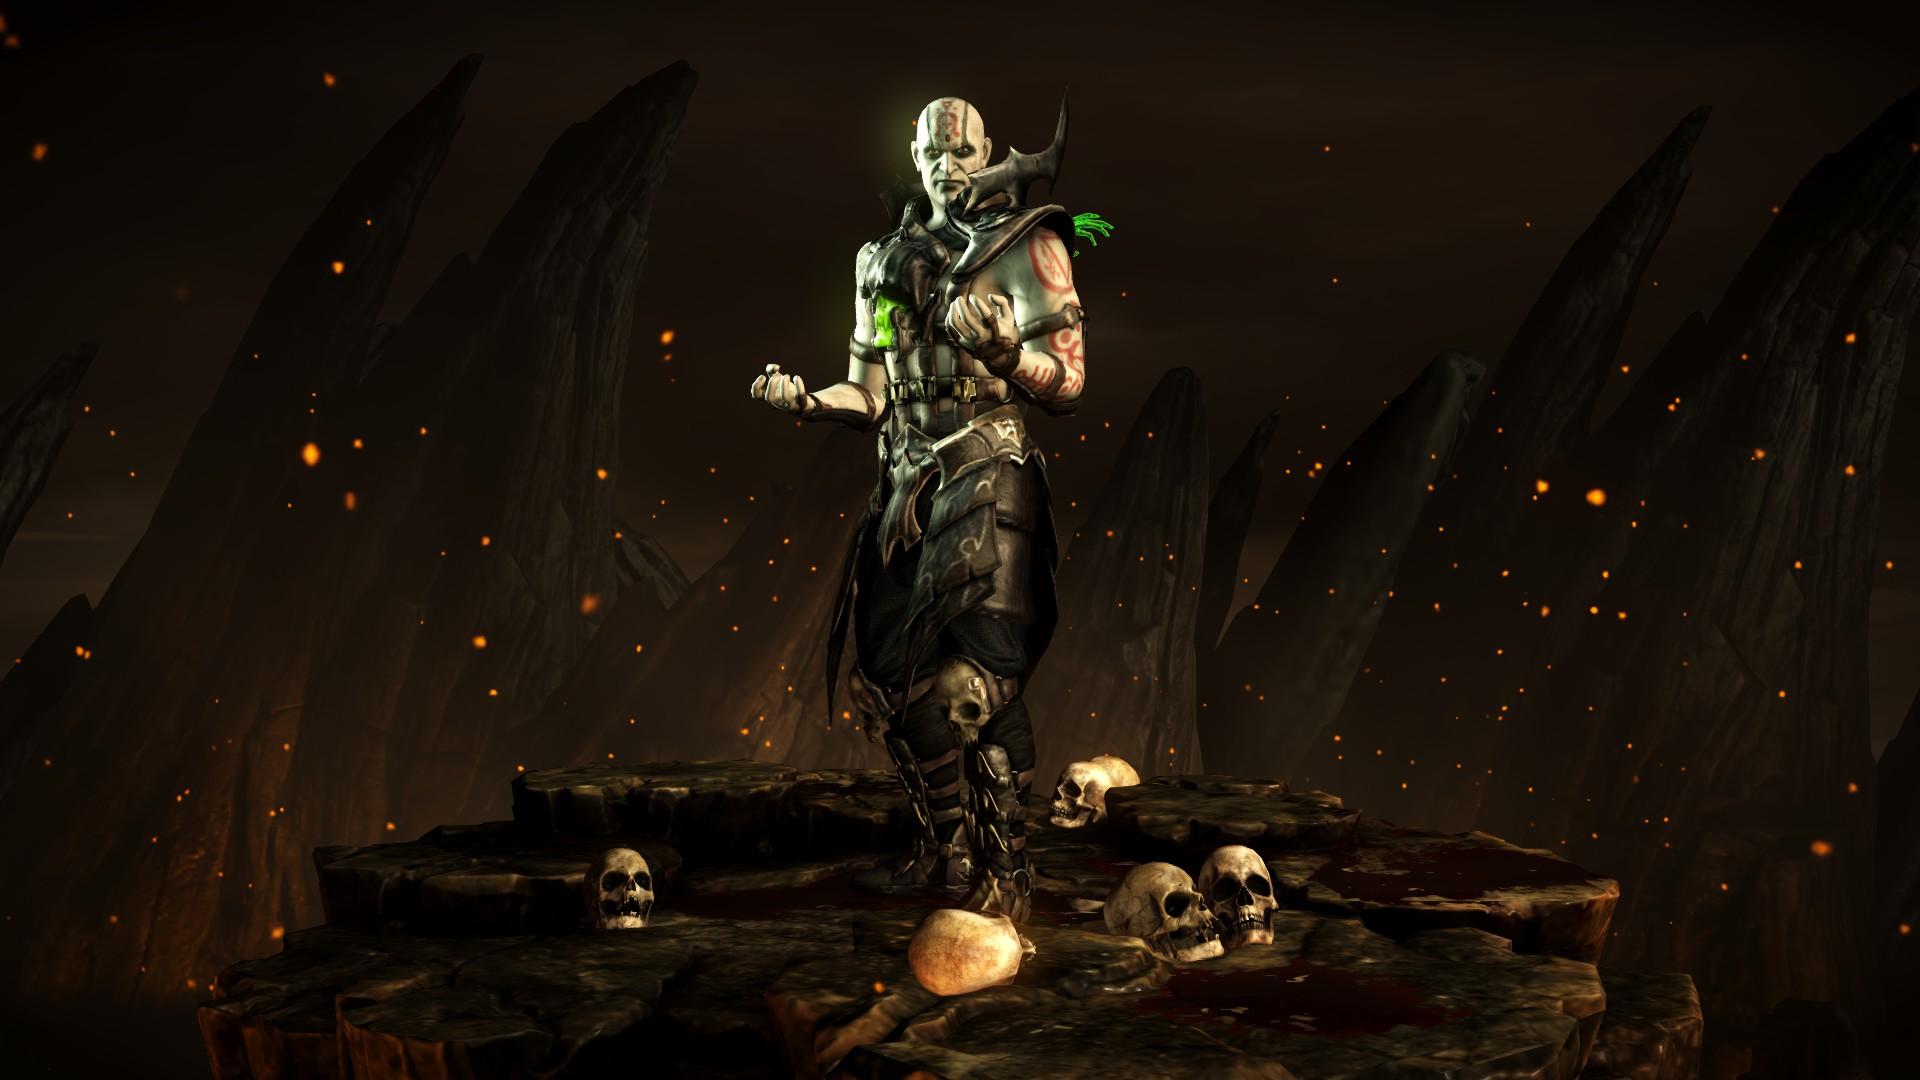 Куан Чи (Стиль: Чернокнижник) - Mortal Kombat X Куан Чи